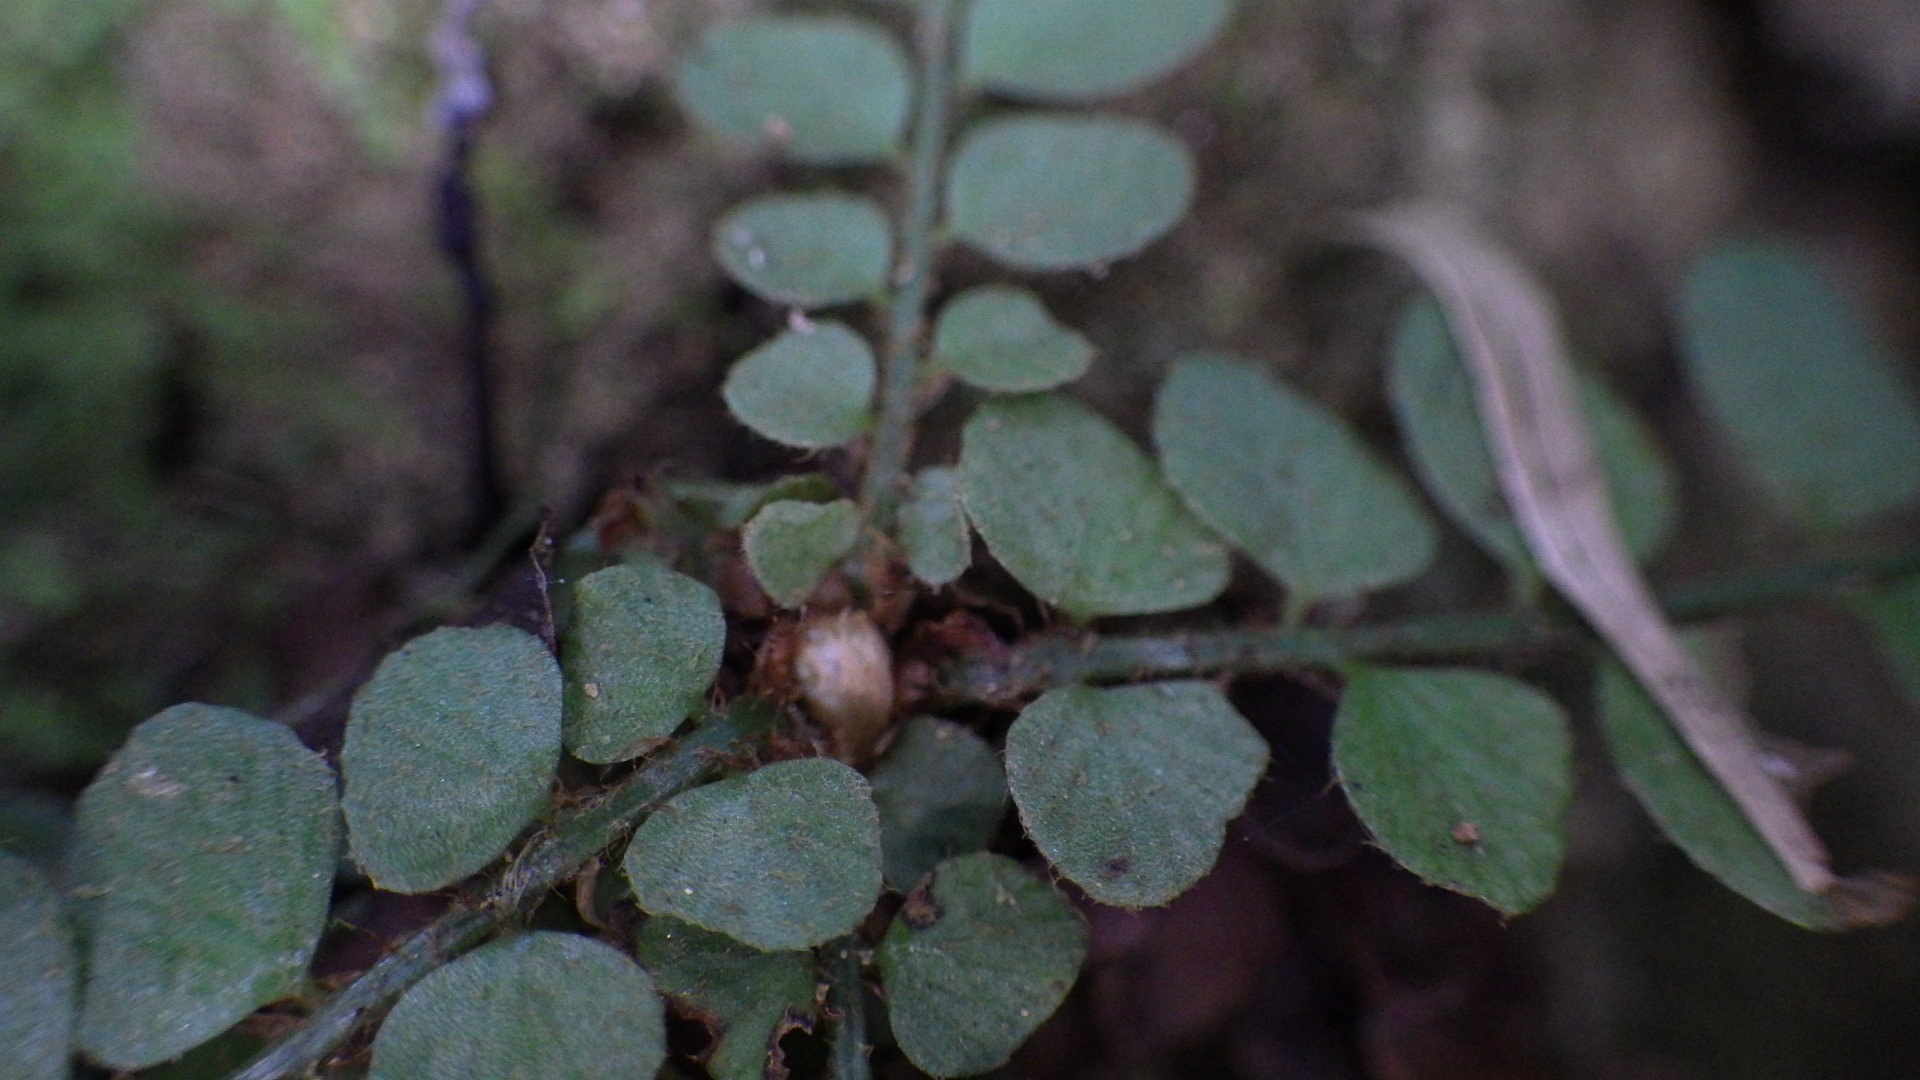 Polystichum rhizophyllum